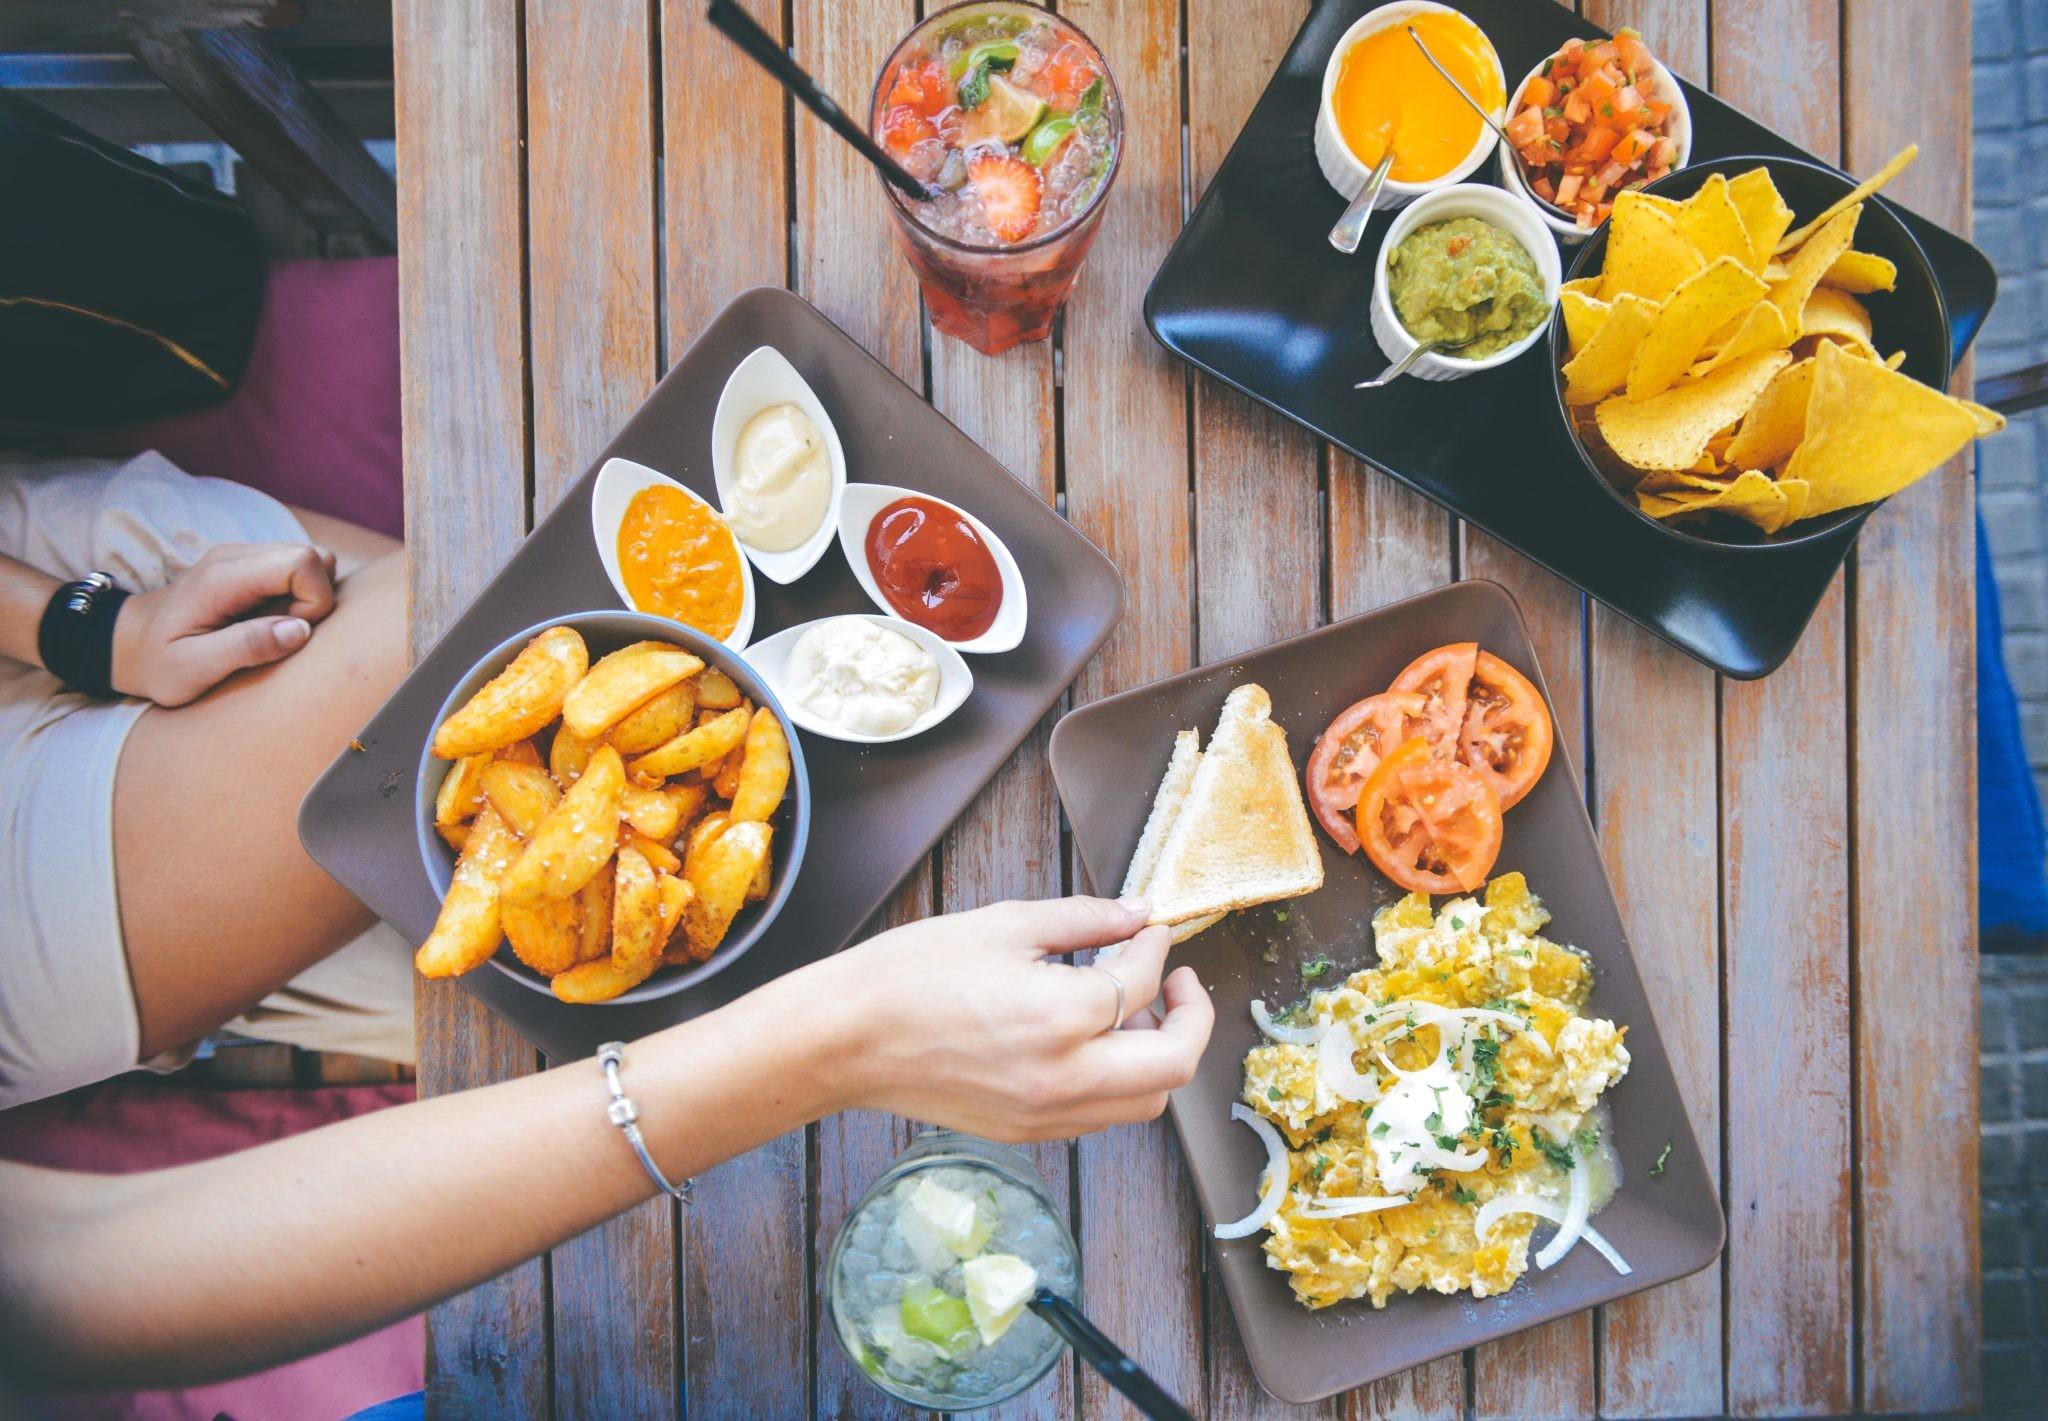 Пищевые отравления летом: как избежать и что делать, если это произошло?